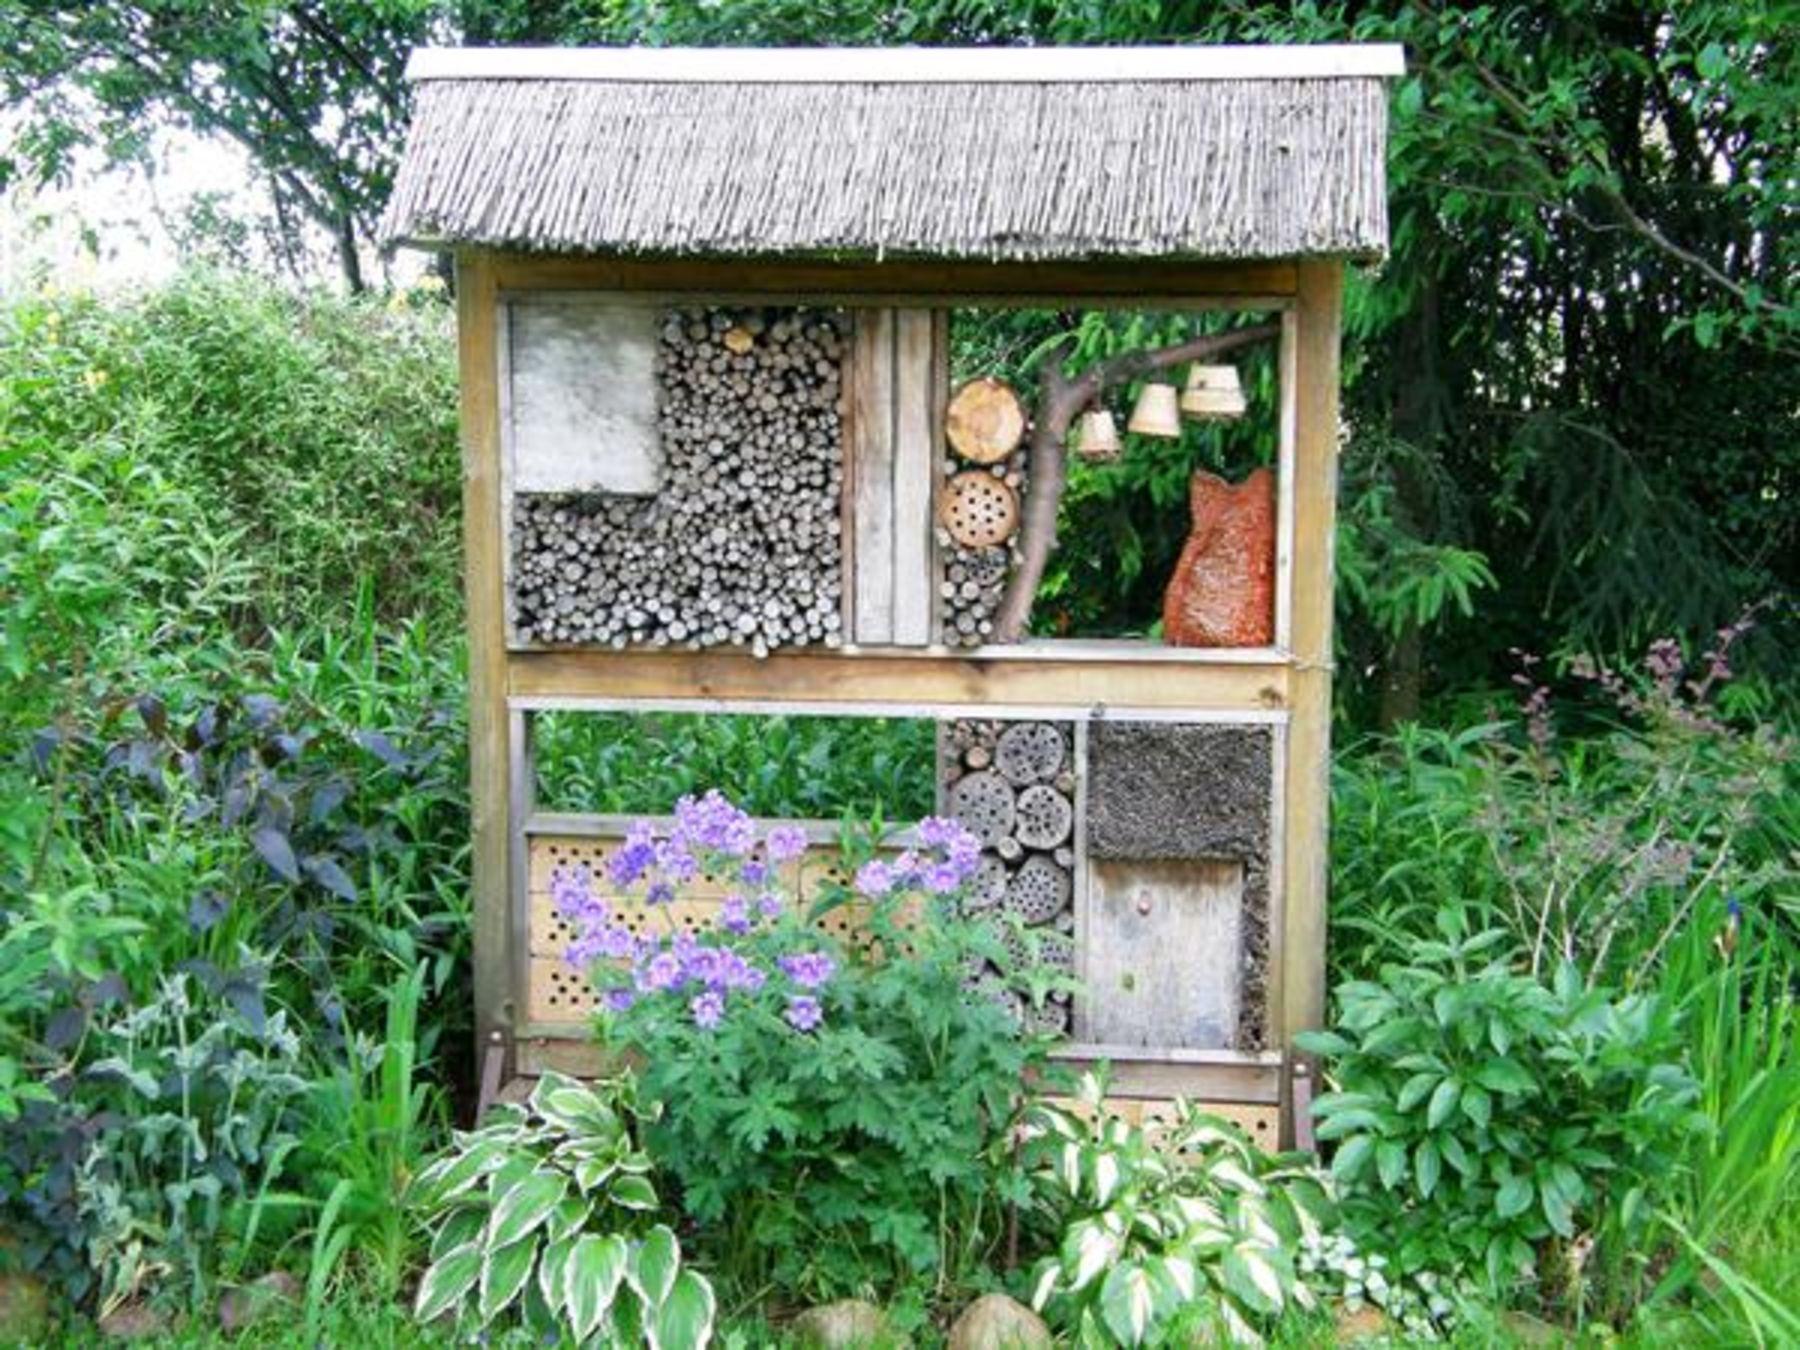 der bienenfreundliche garten koleo umwelt und naturschutz f r kinder in hessen. Black Bedroom Furniture Sets. Home Design Ideas